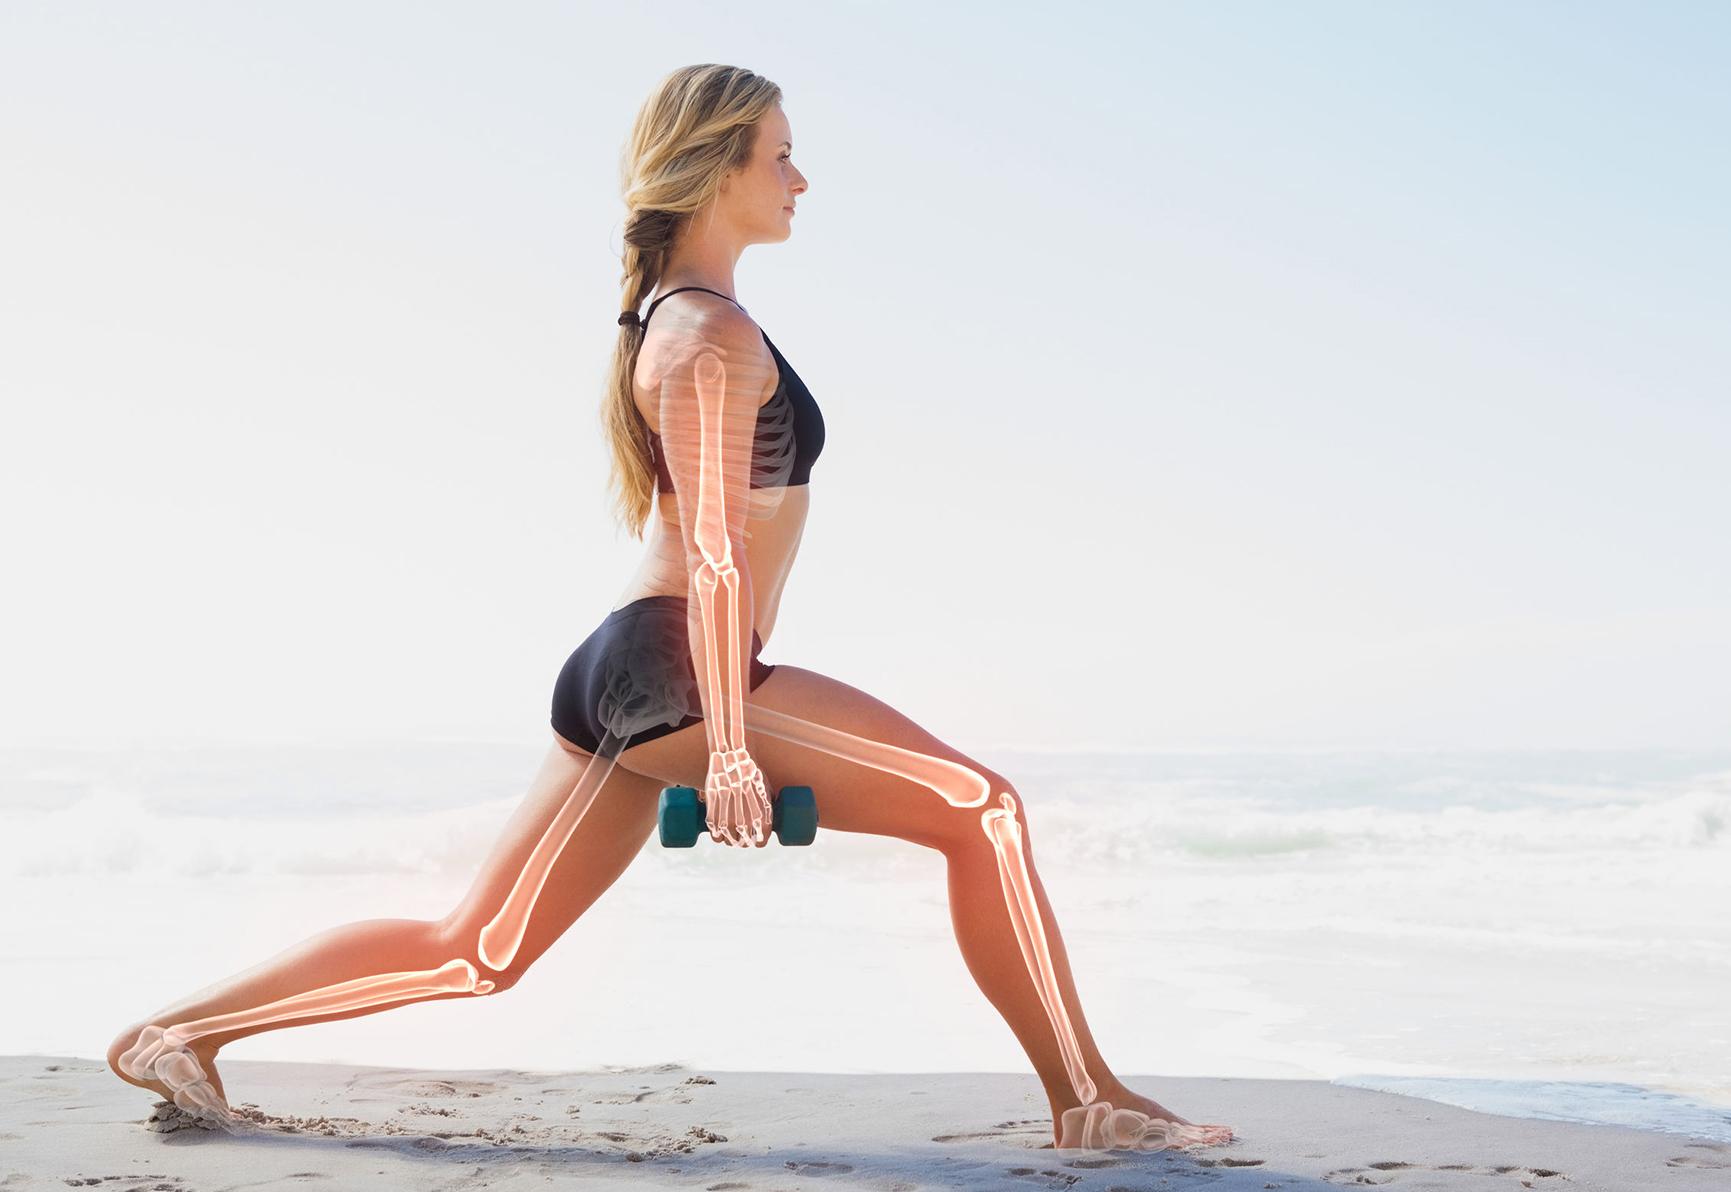 Ossa sane? 10 consigli per mantenerle in salute